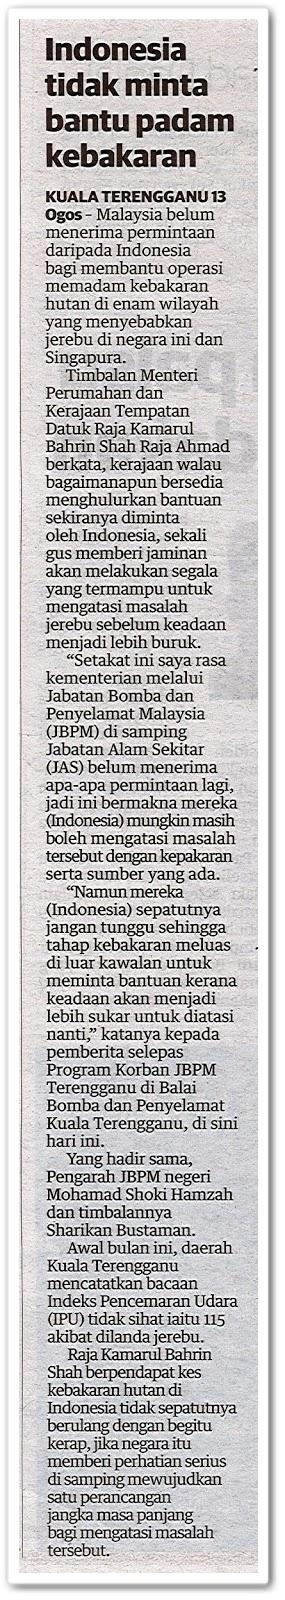 Indonesia tidak minta bantu padam kebakaran - Keratan akhbar Utusan Malaysia 14 Ogos 2019